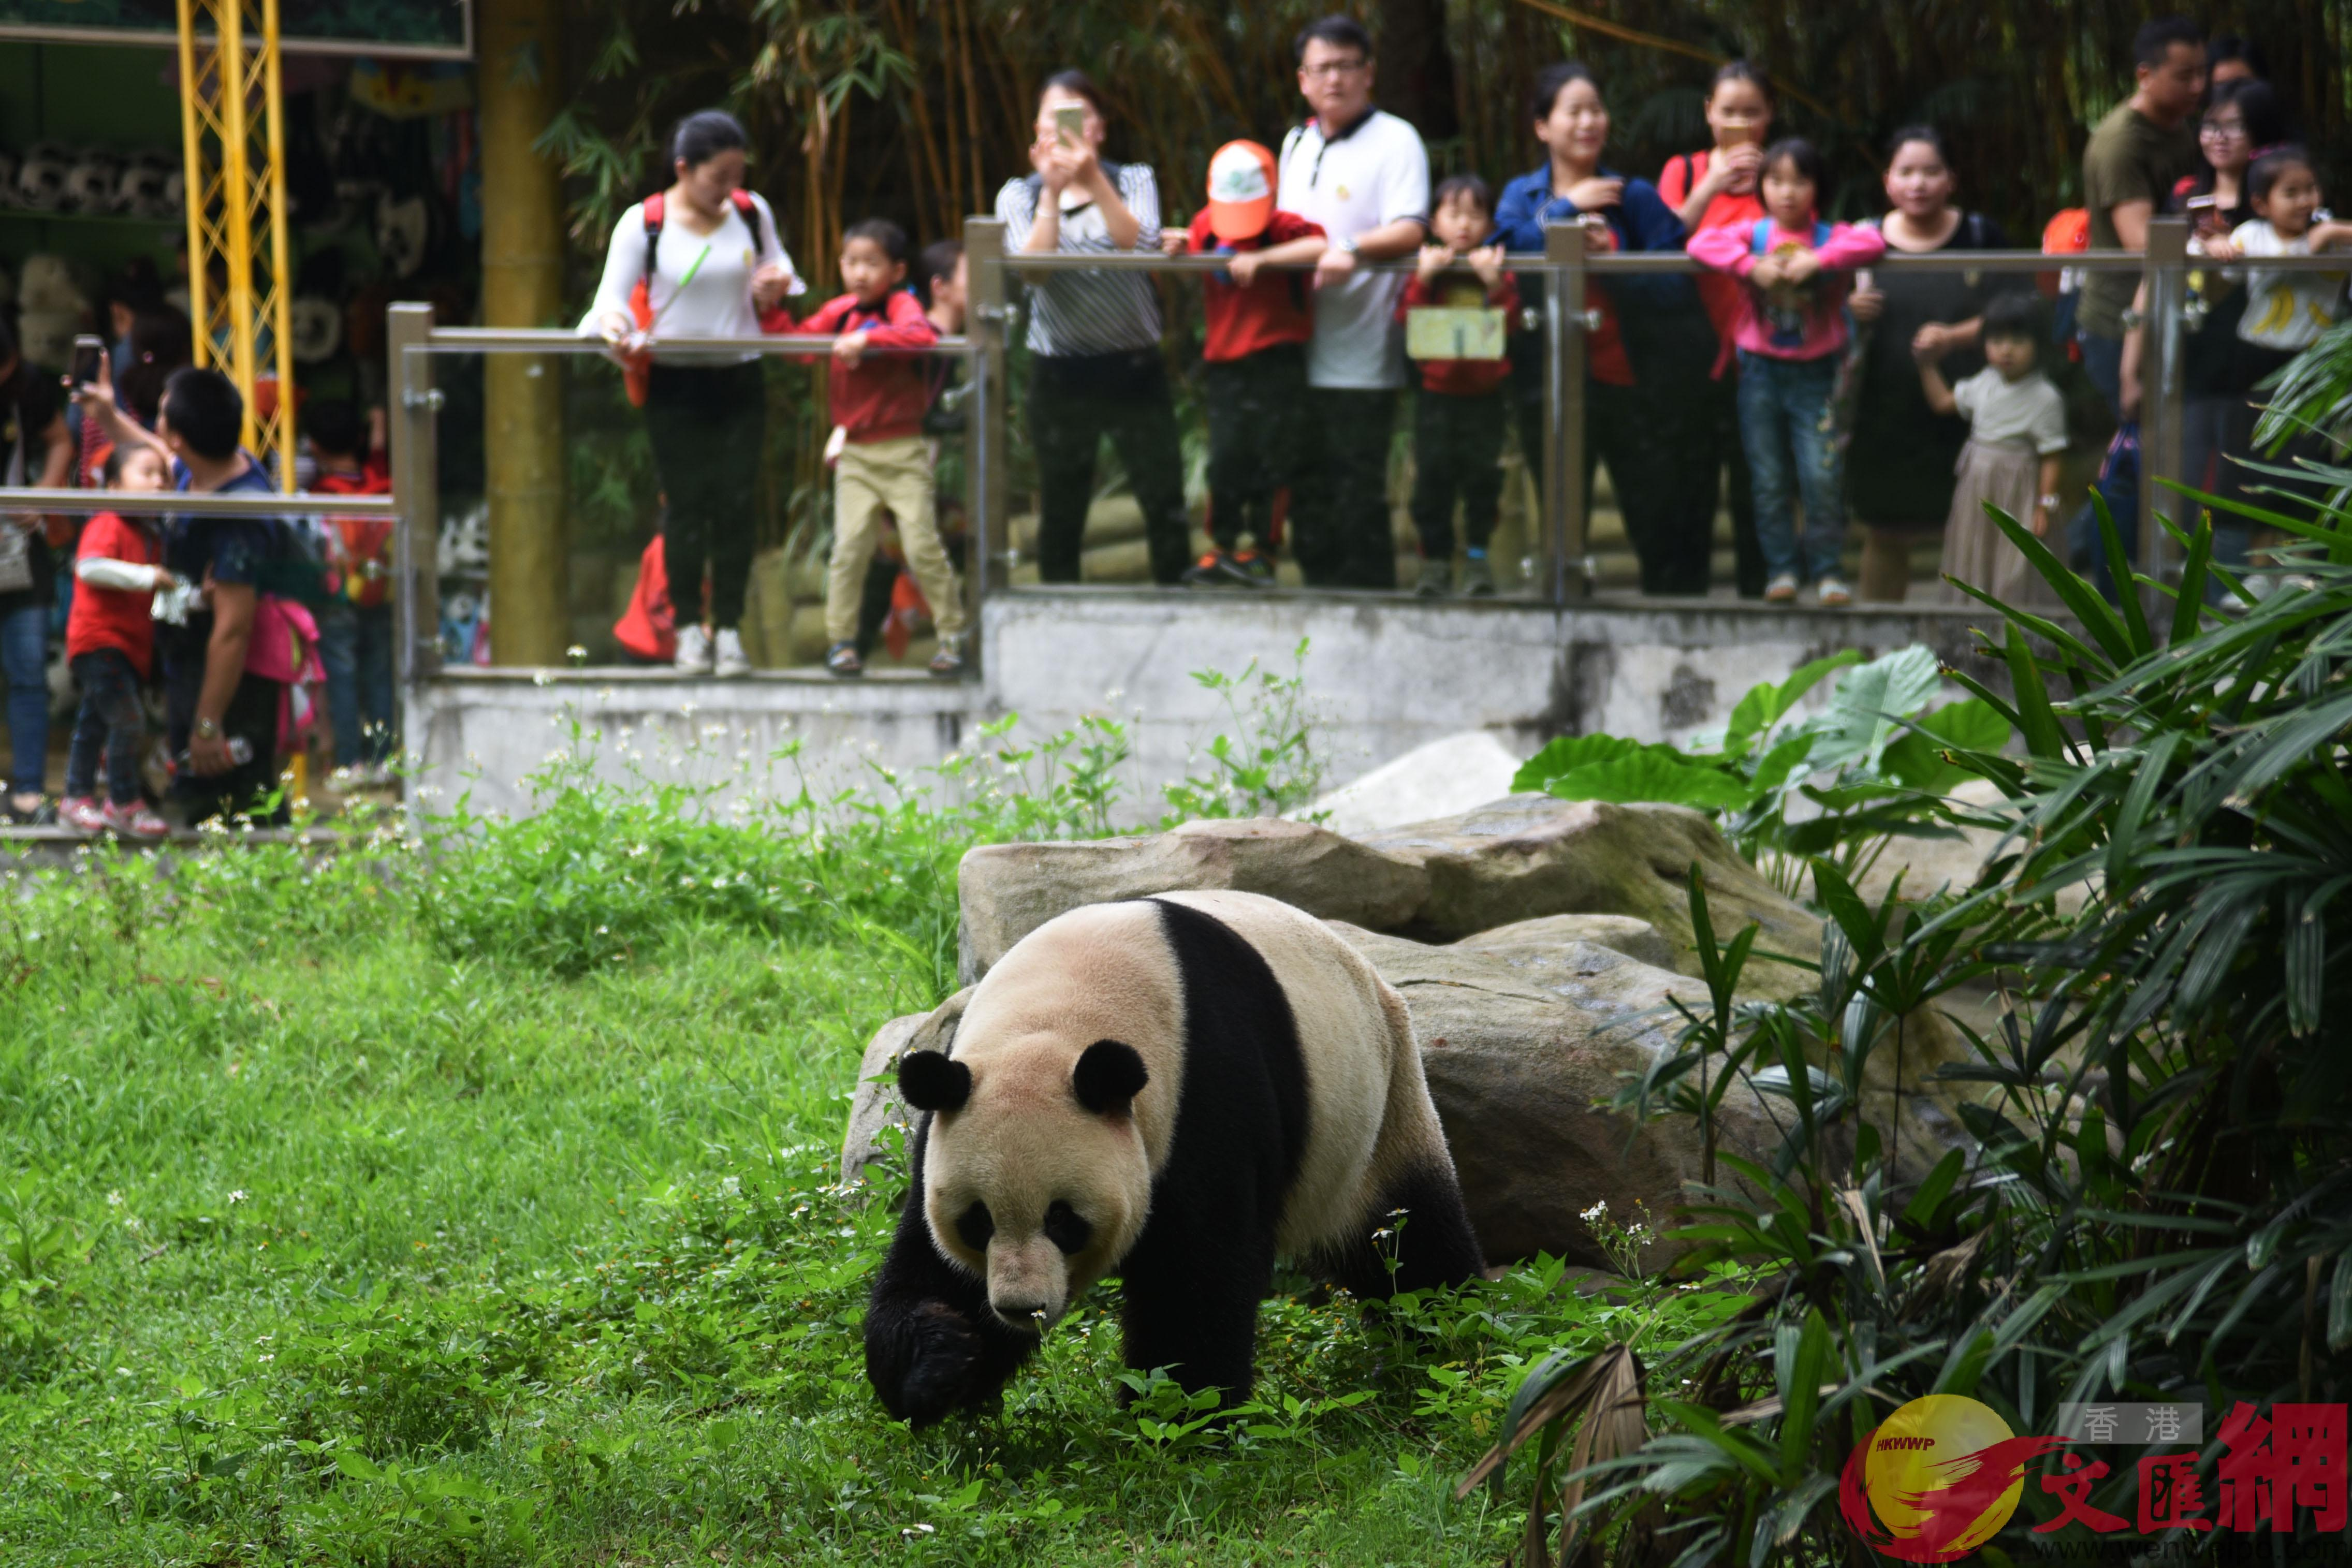 深圳野生动物园大熊猫「秋恣v首秀 憨态可掬